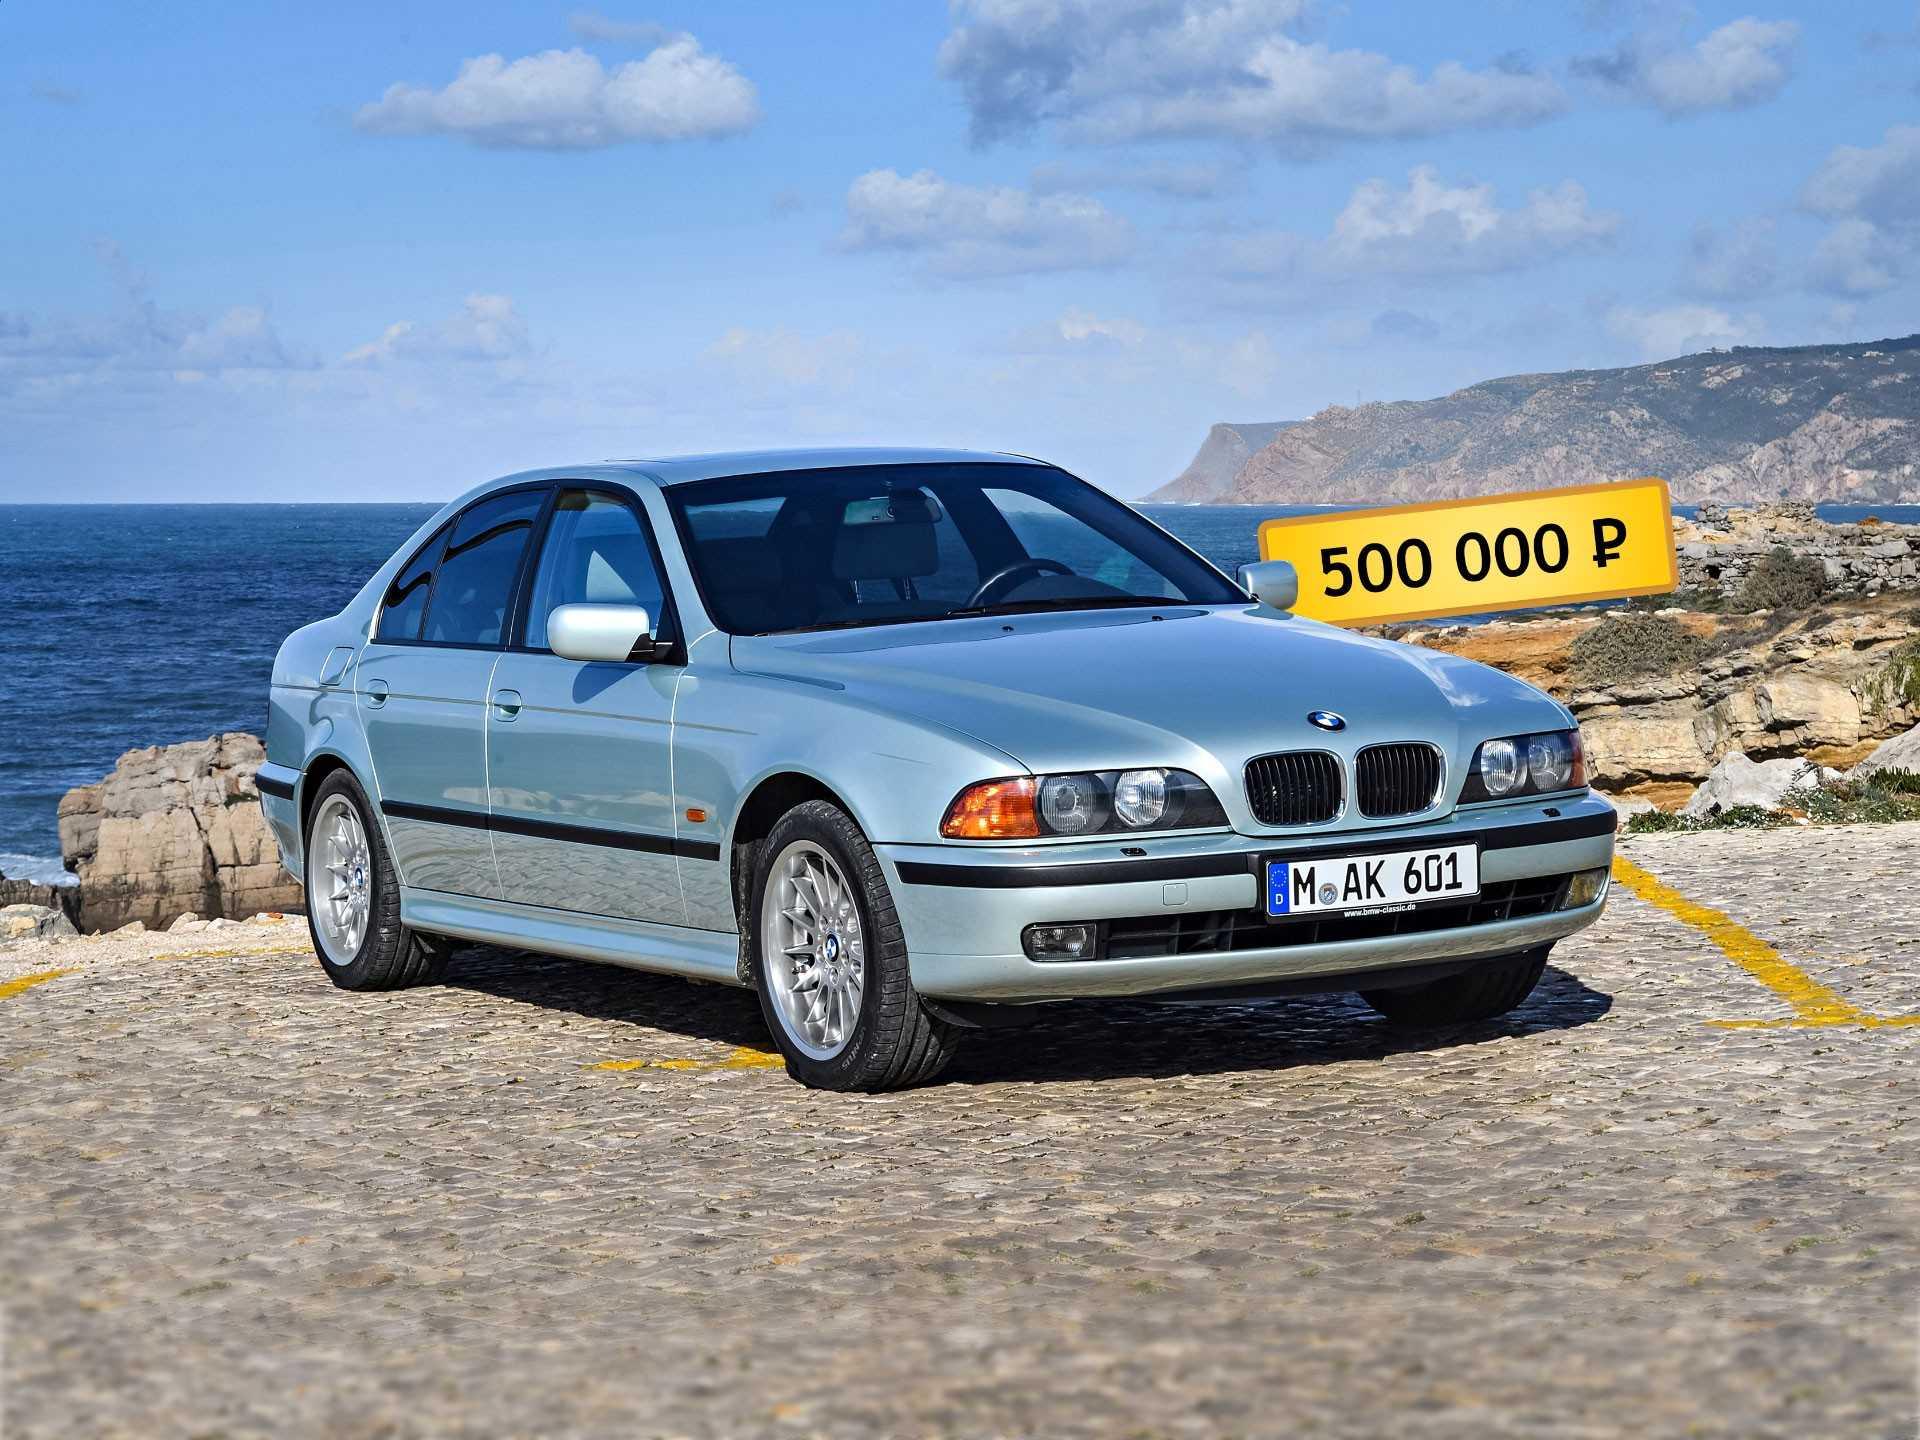 Жертва народной любви: стоит ли покупать BMW 5 series E39 за 500 тысяч рублей - КОЛЕСА.ру – автомобильный журнал